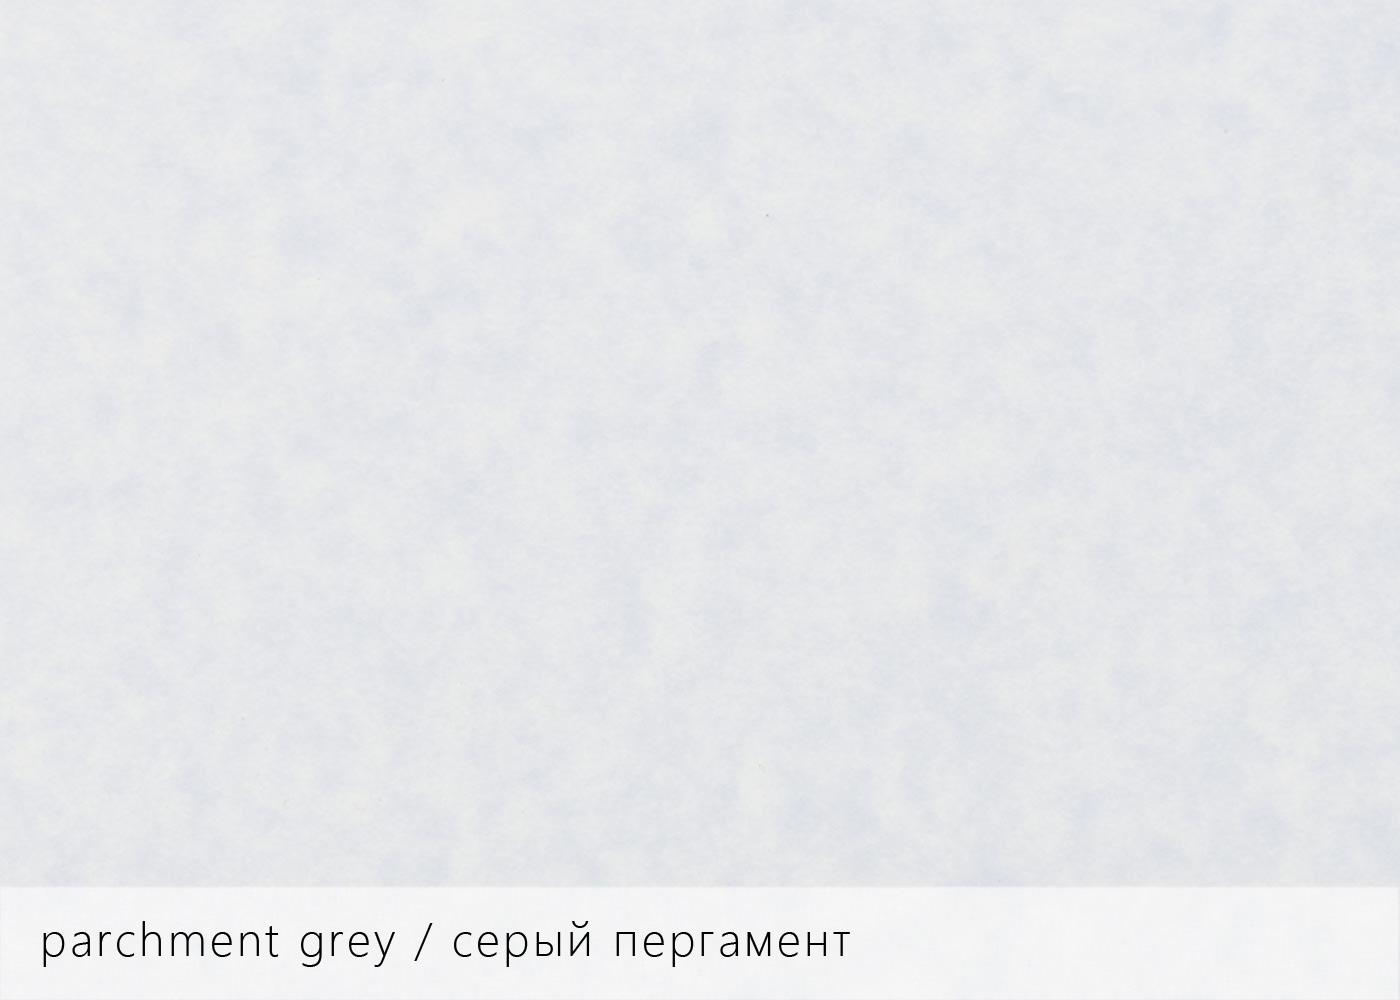 Keaykolour parchment grey / серый пергамент